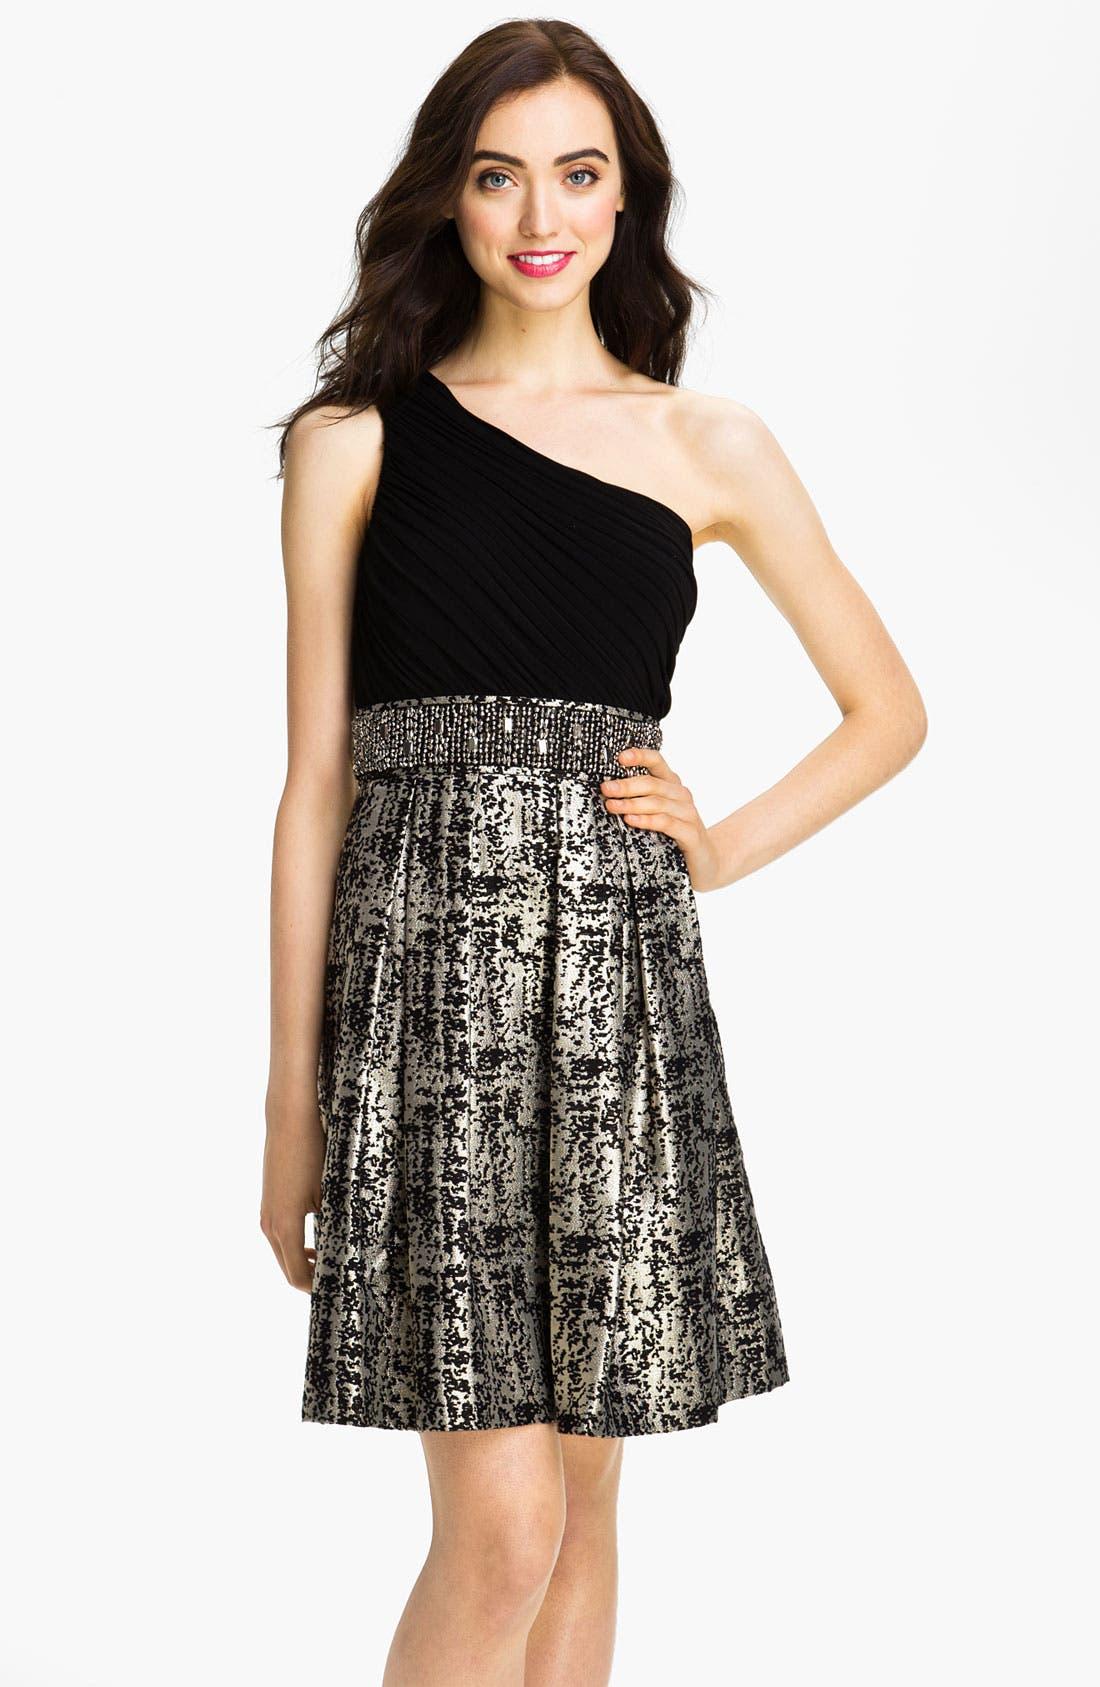 Alternate Image 1 Selected - Eliza J One Shoulder Mixed Media Fit & Flare Dress